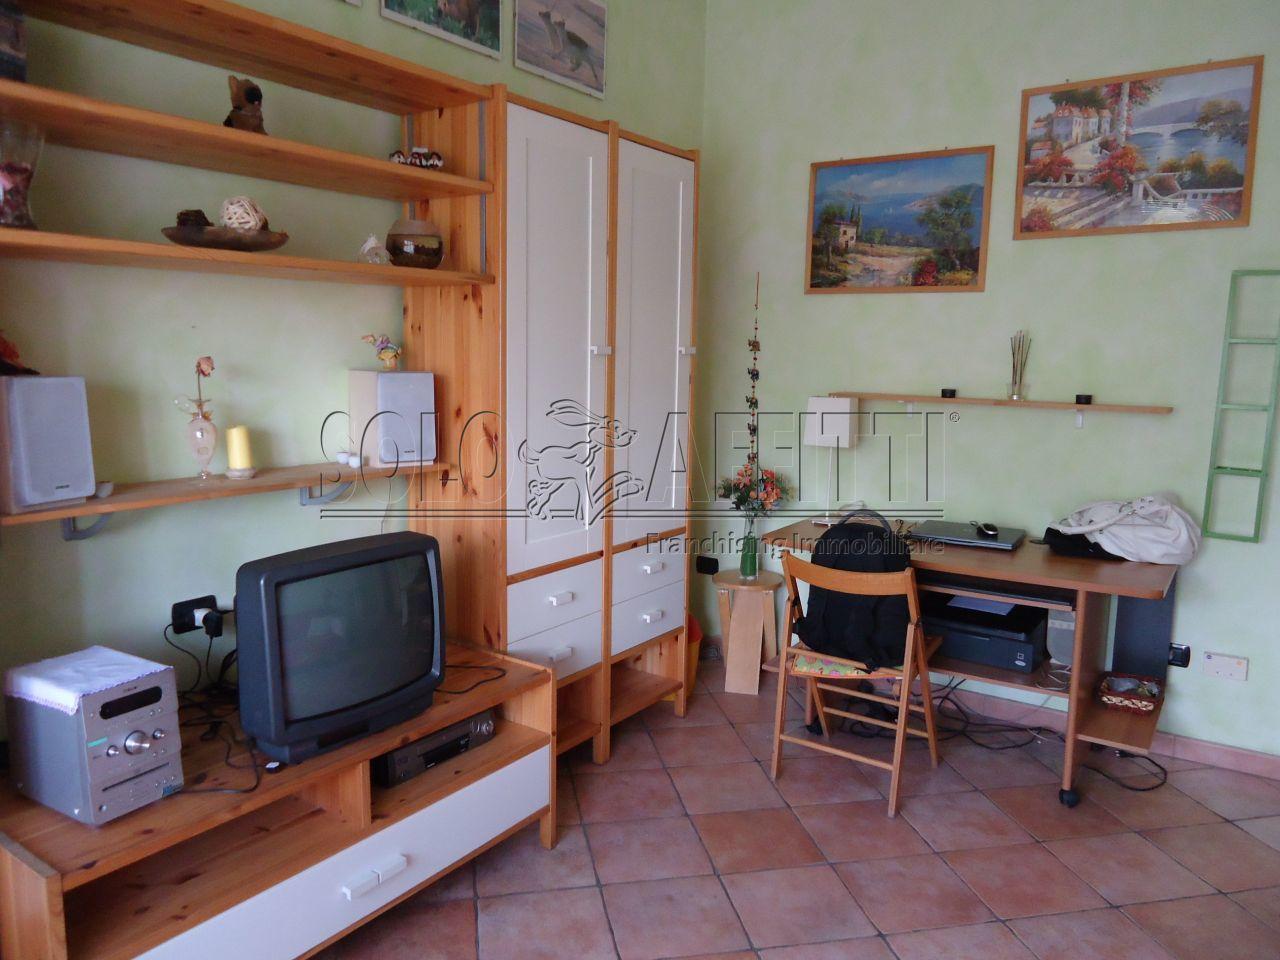 Bilocale Rozzano Via Bergamo 4 3